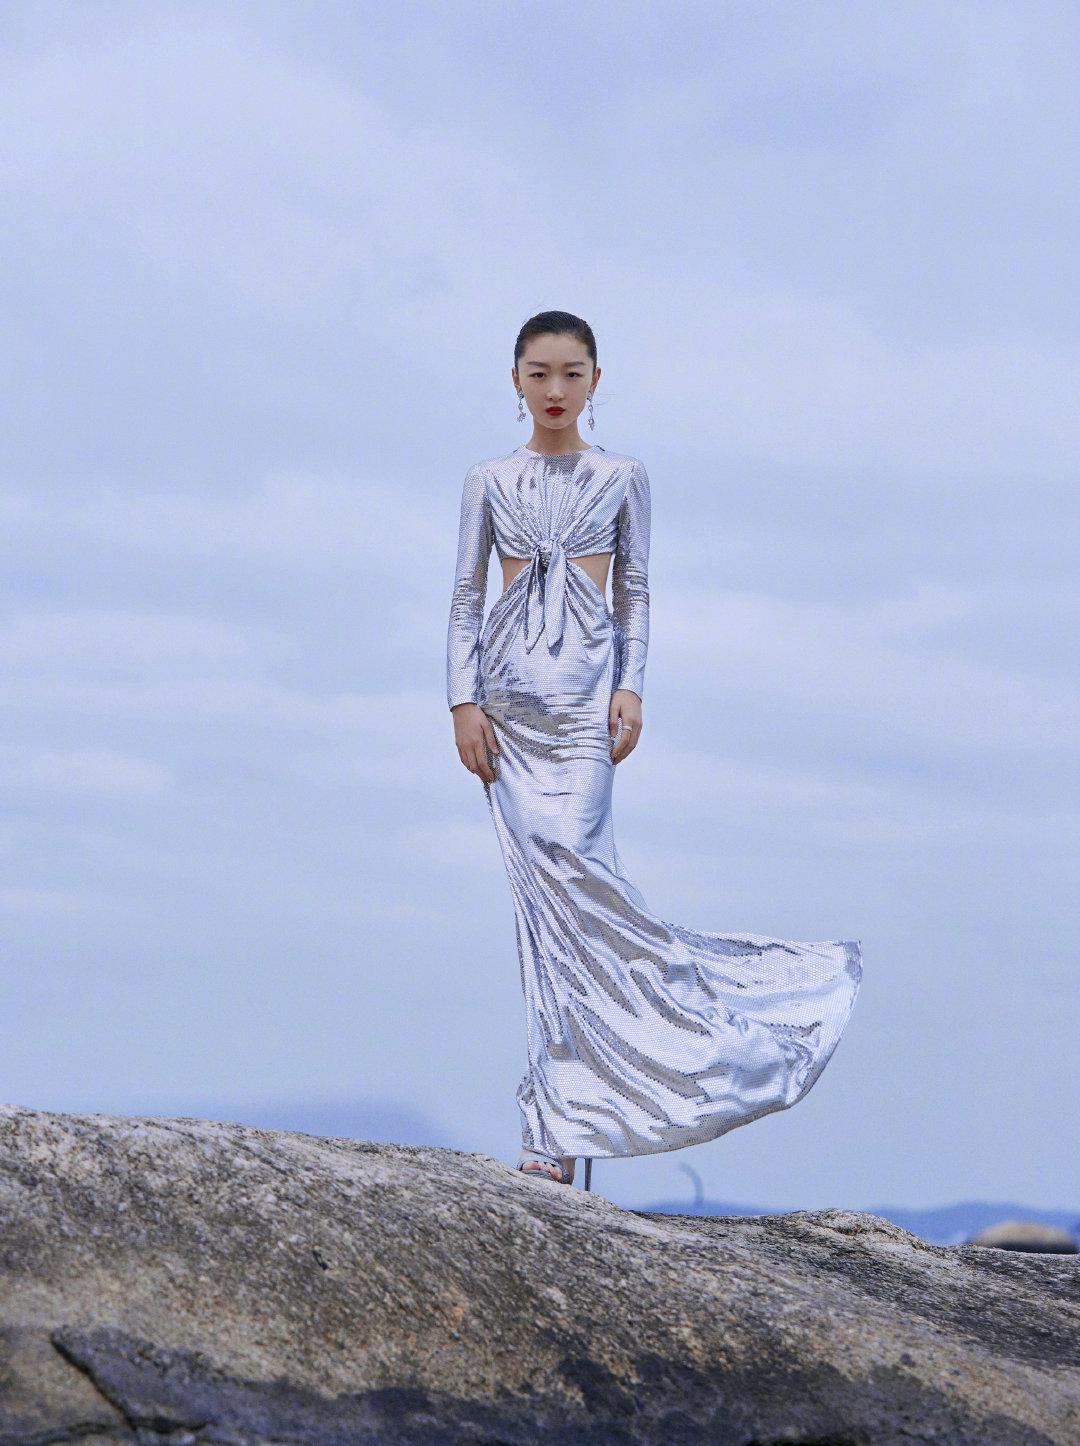 周冬雨银色镜面礼服亮相,造型独特,新晋三金影后表现力MAX